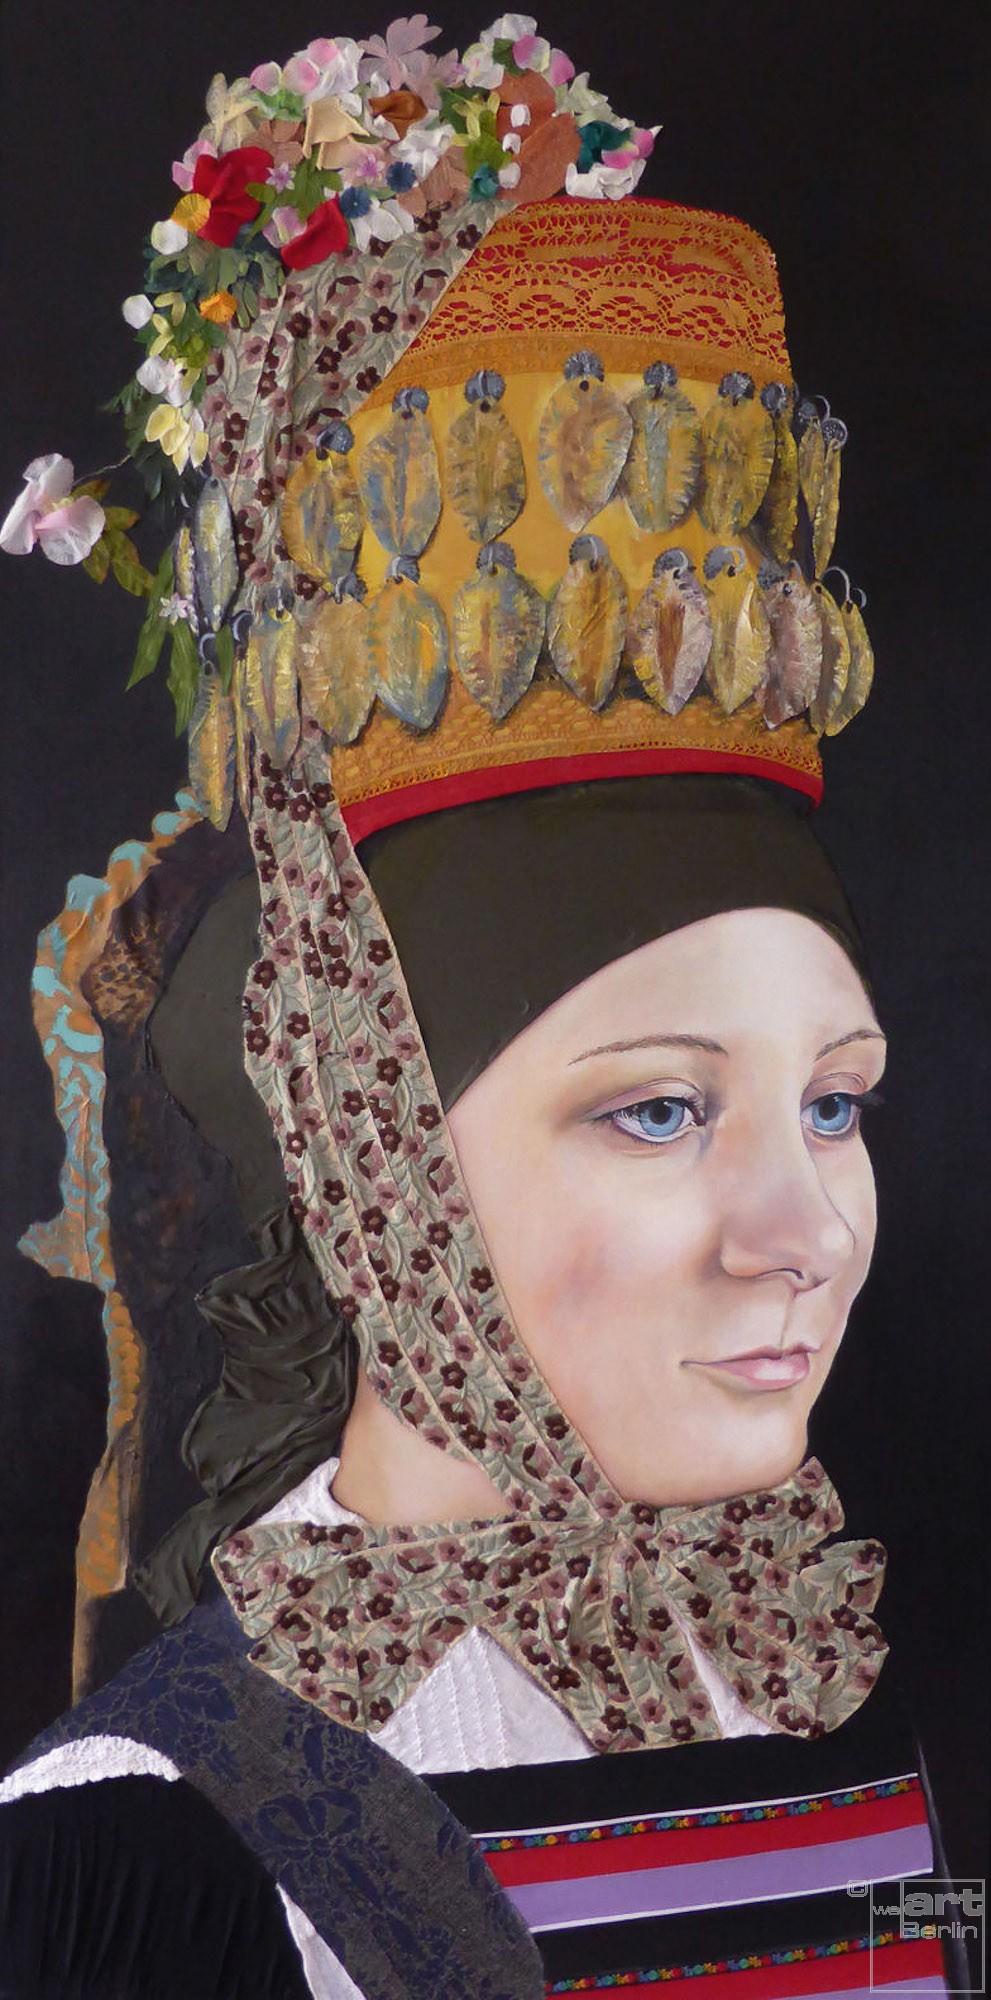 Altenburg | Malerei von Eva Nordal | Öl und Textilien auf Leinwand, realistisch